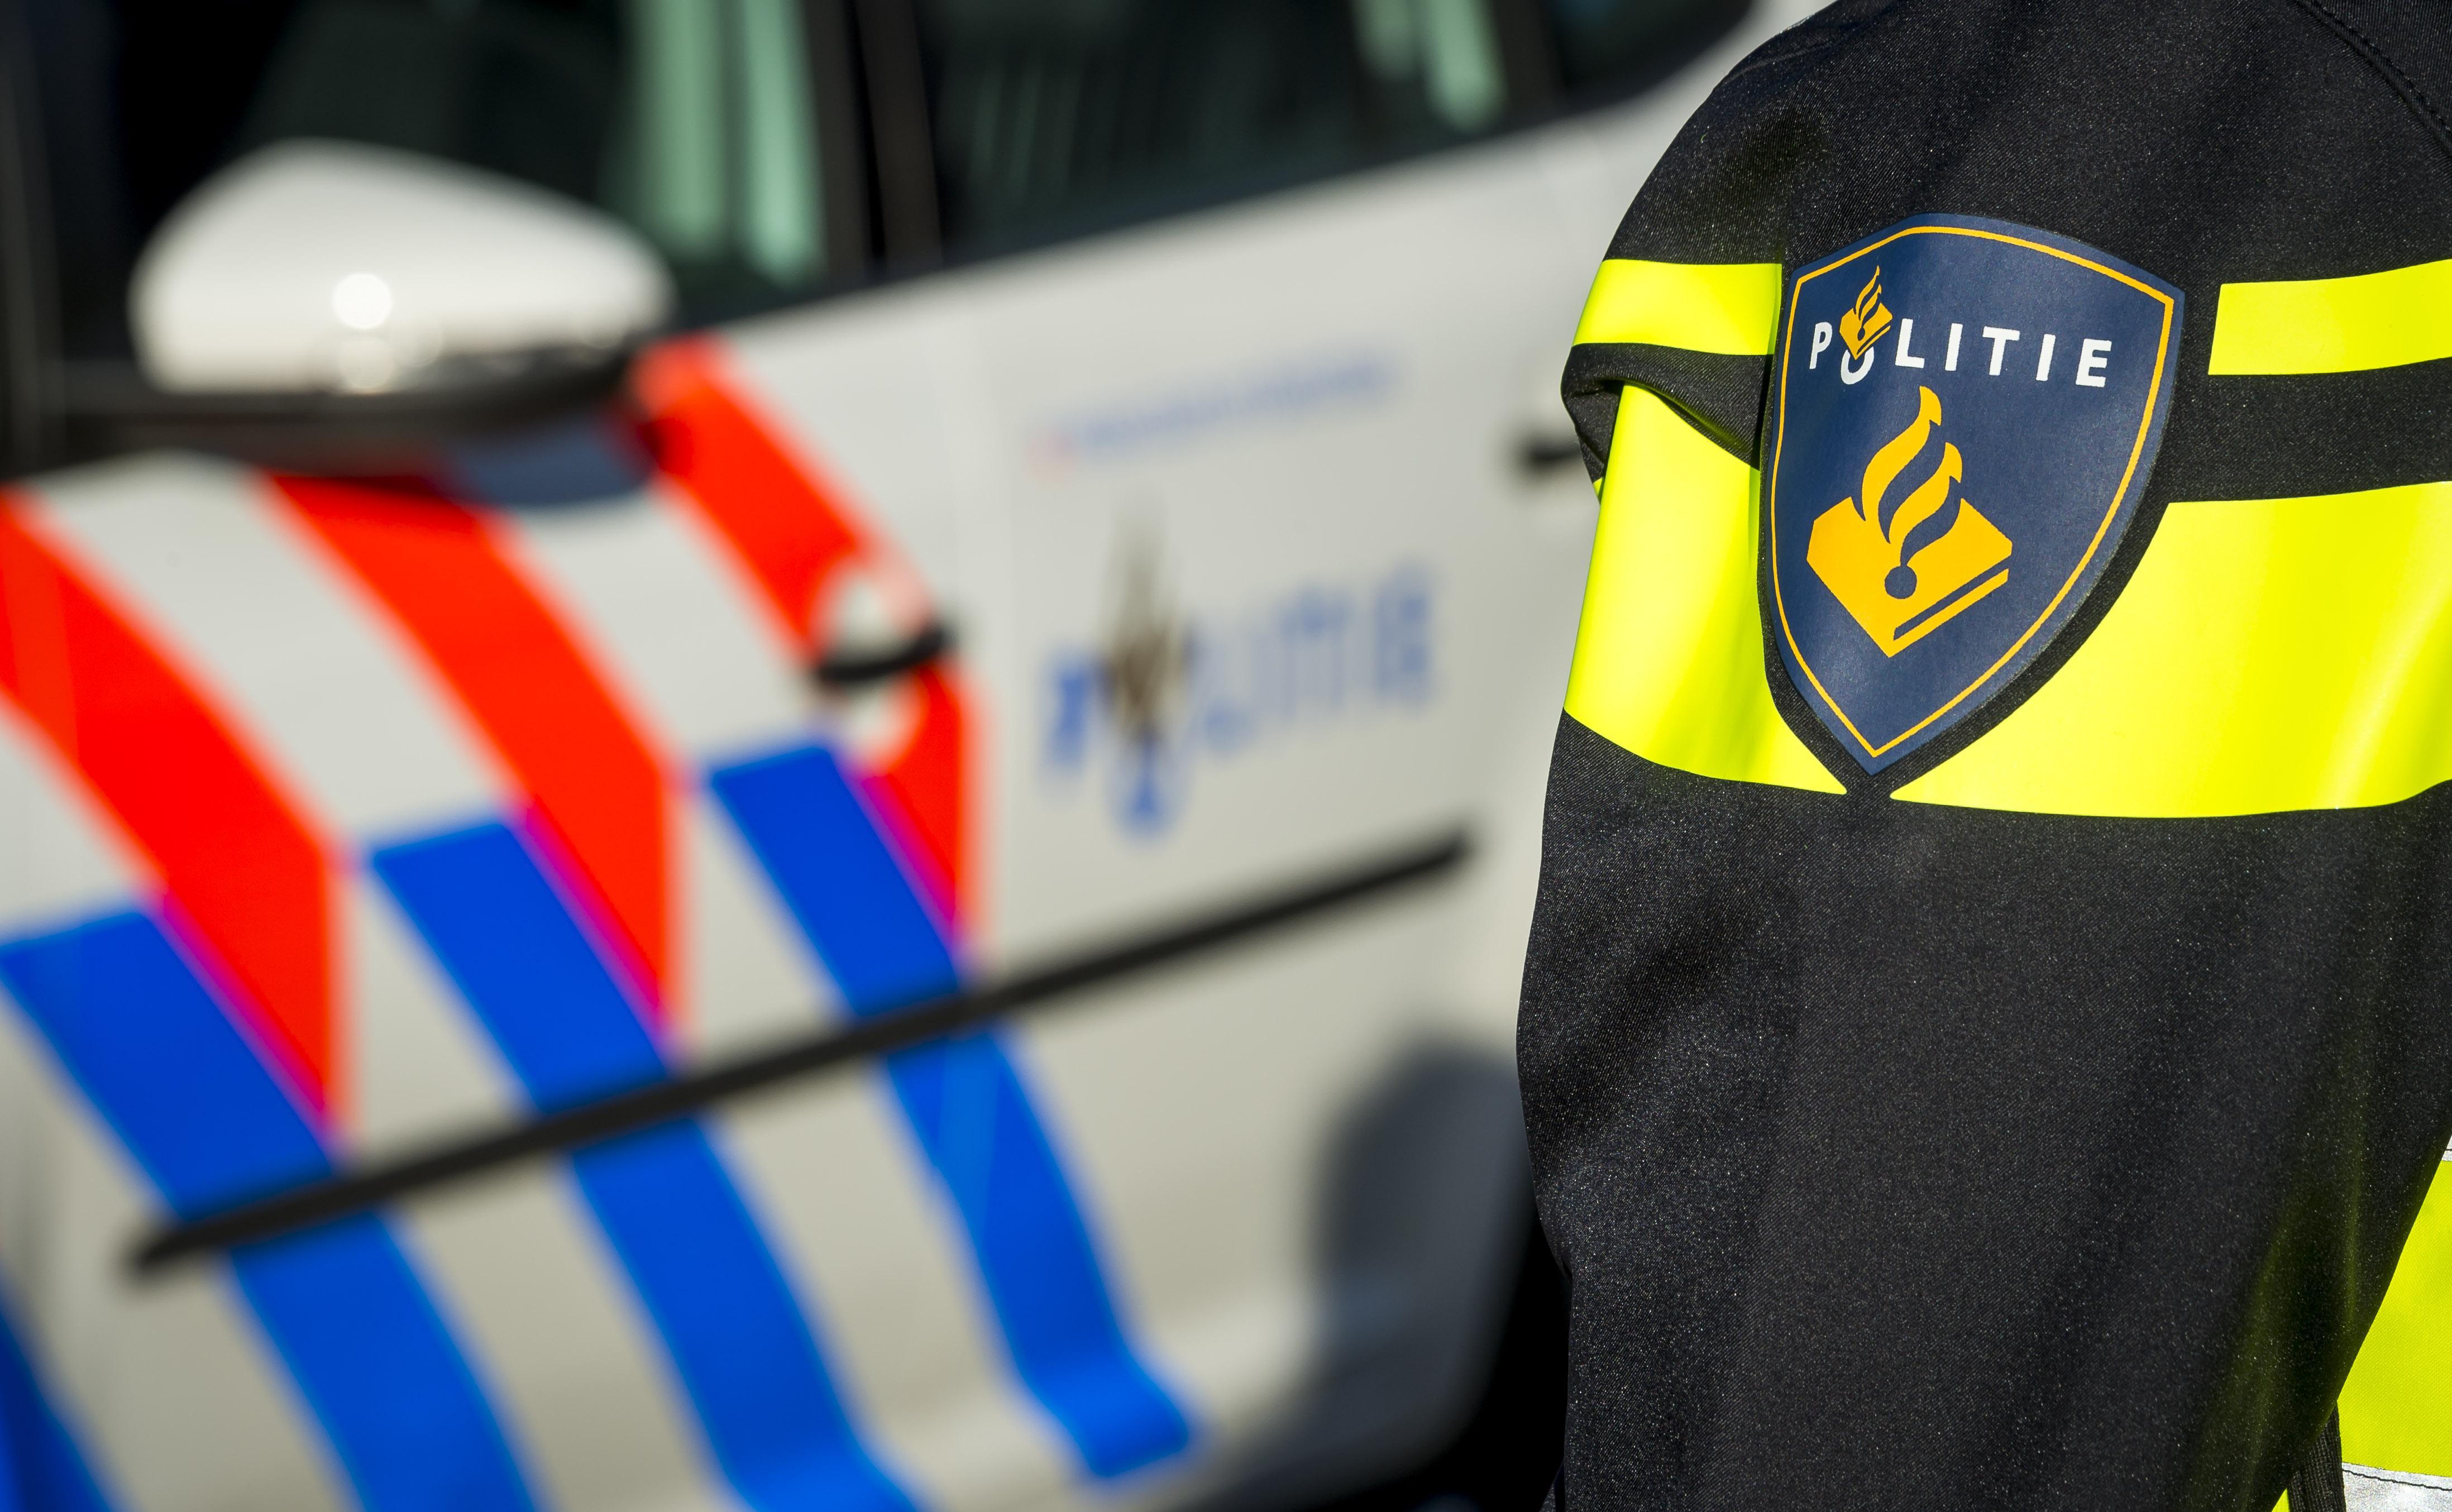 Politie schiet bij aanhouding in Amsterdam, auto met verdachten gestopt in Haarlemmermeer